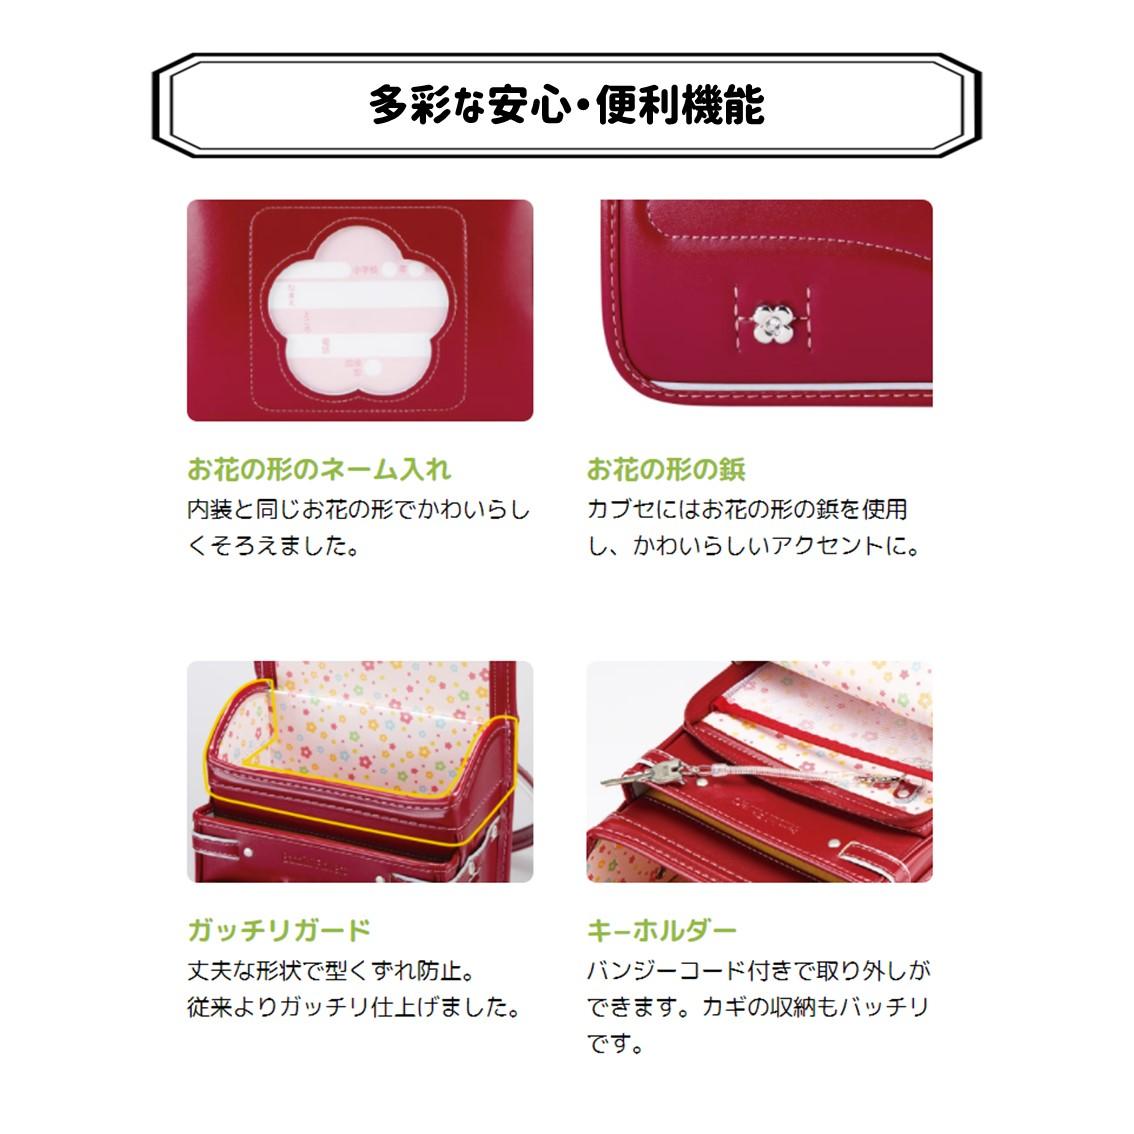 バンビーニ ファンタジー コードバン 赤/ピンク